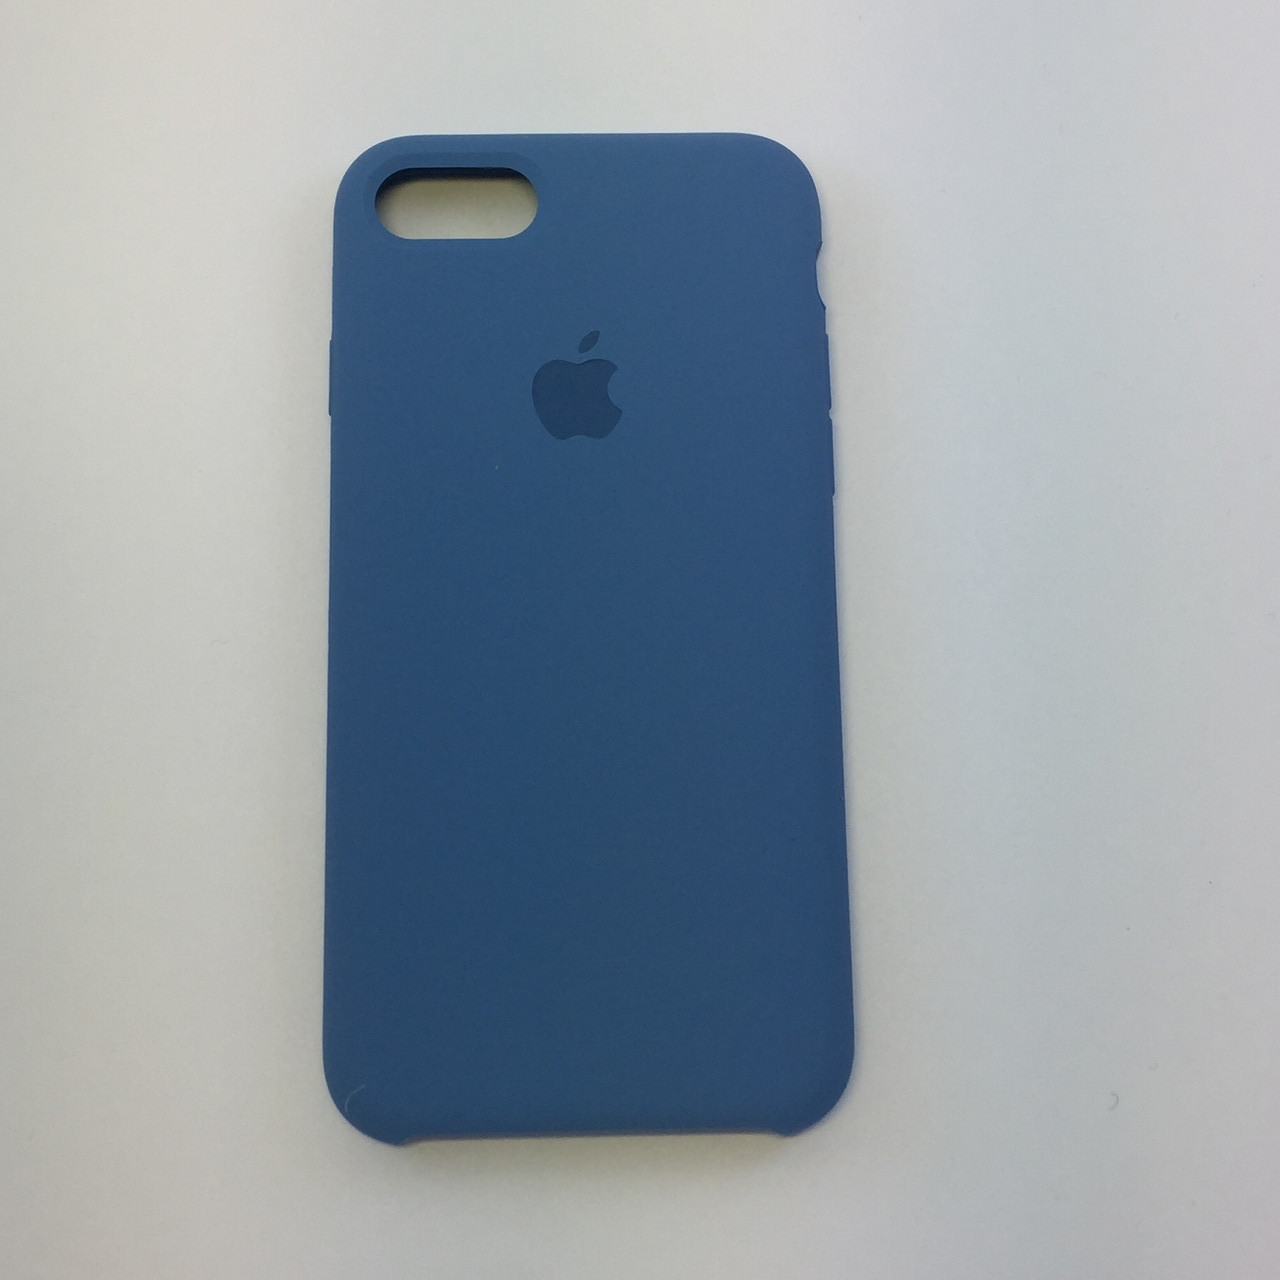 Силиконовый чехол для iPhone 7, - «лазурь» - copy original